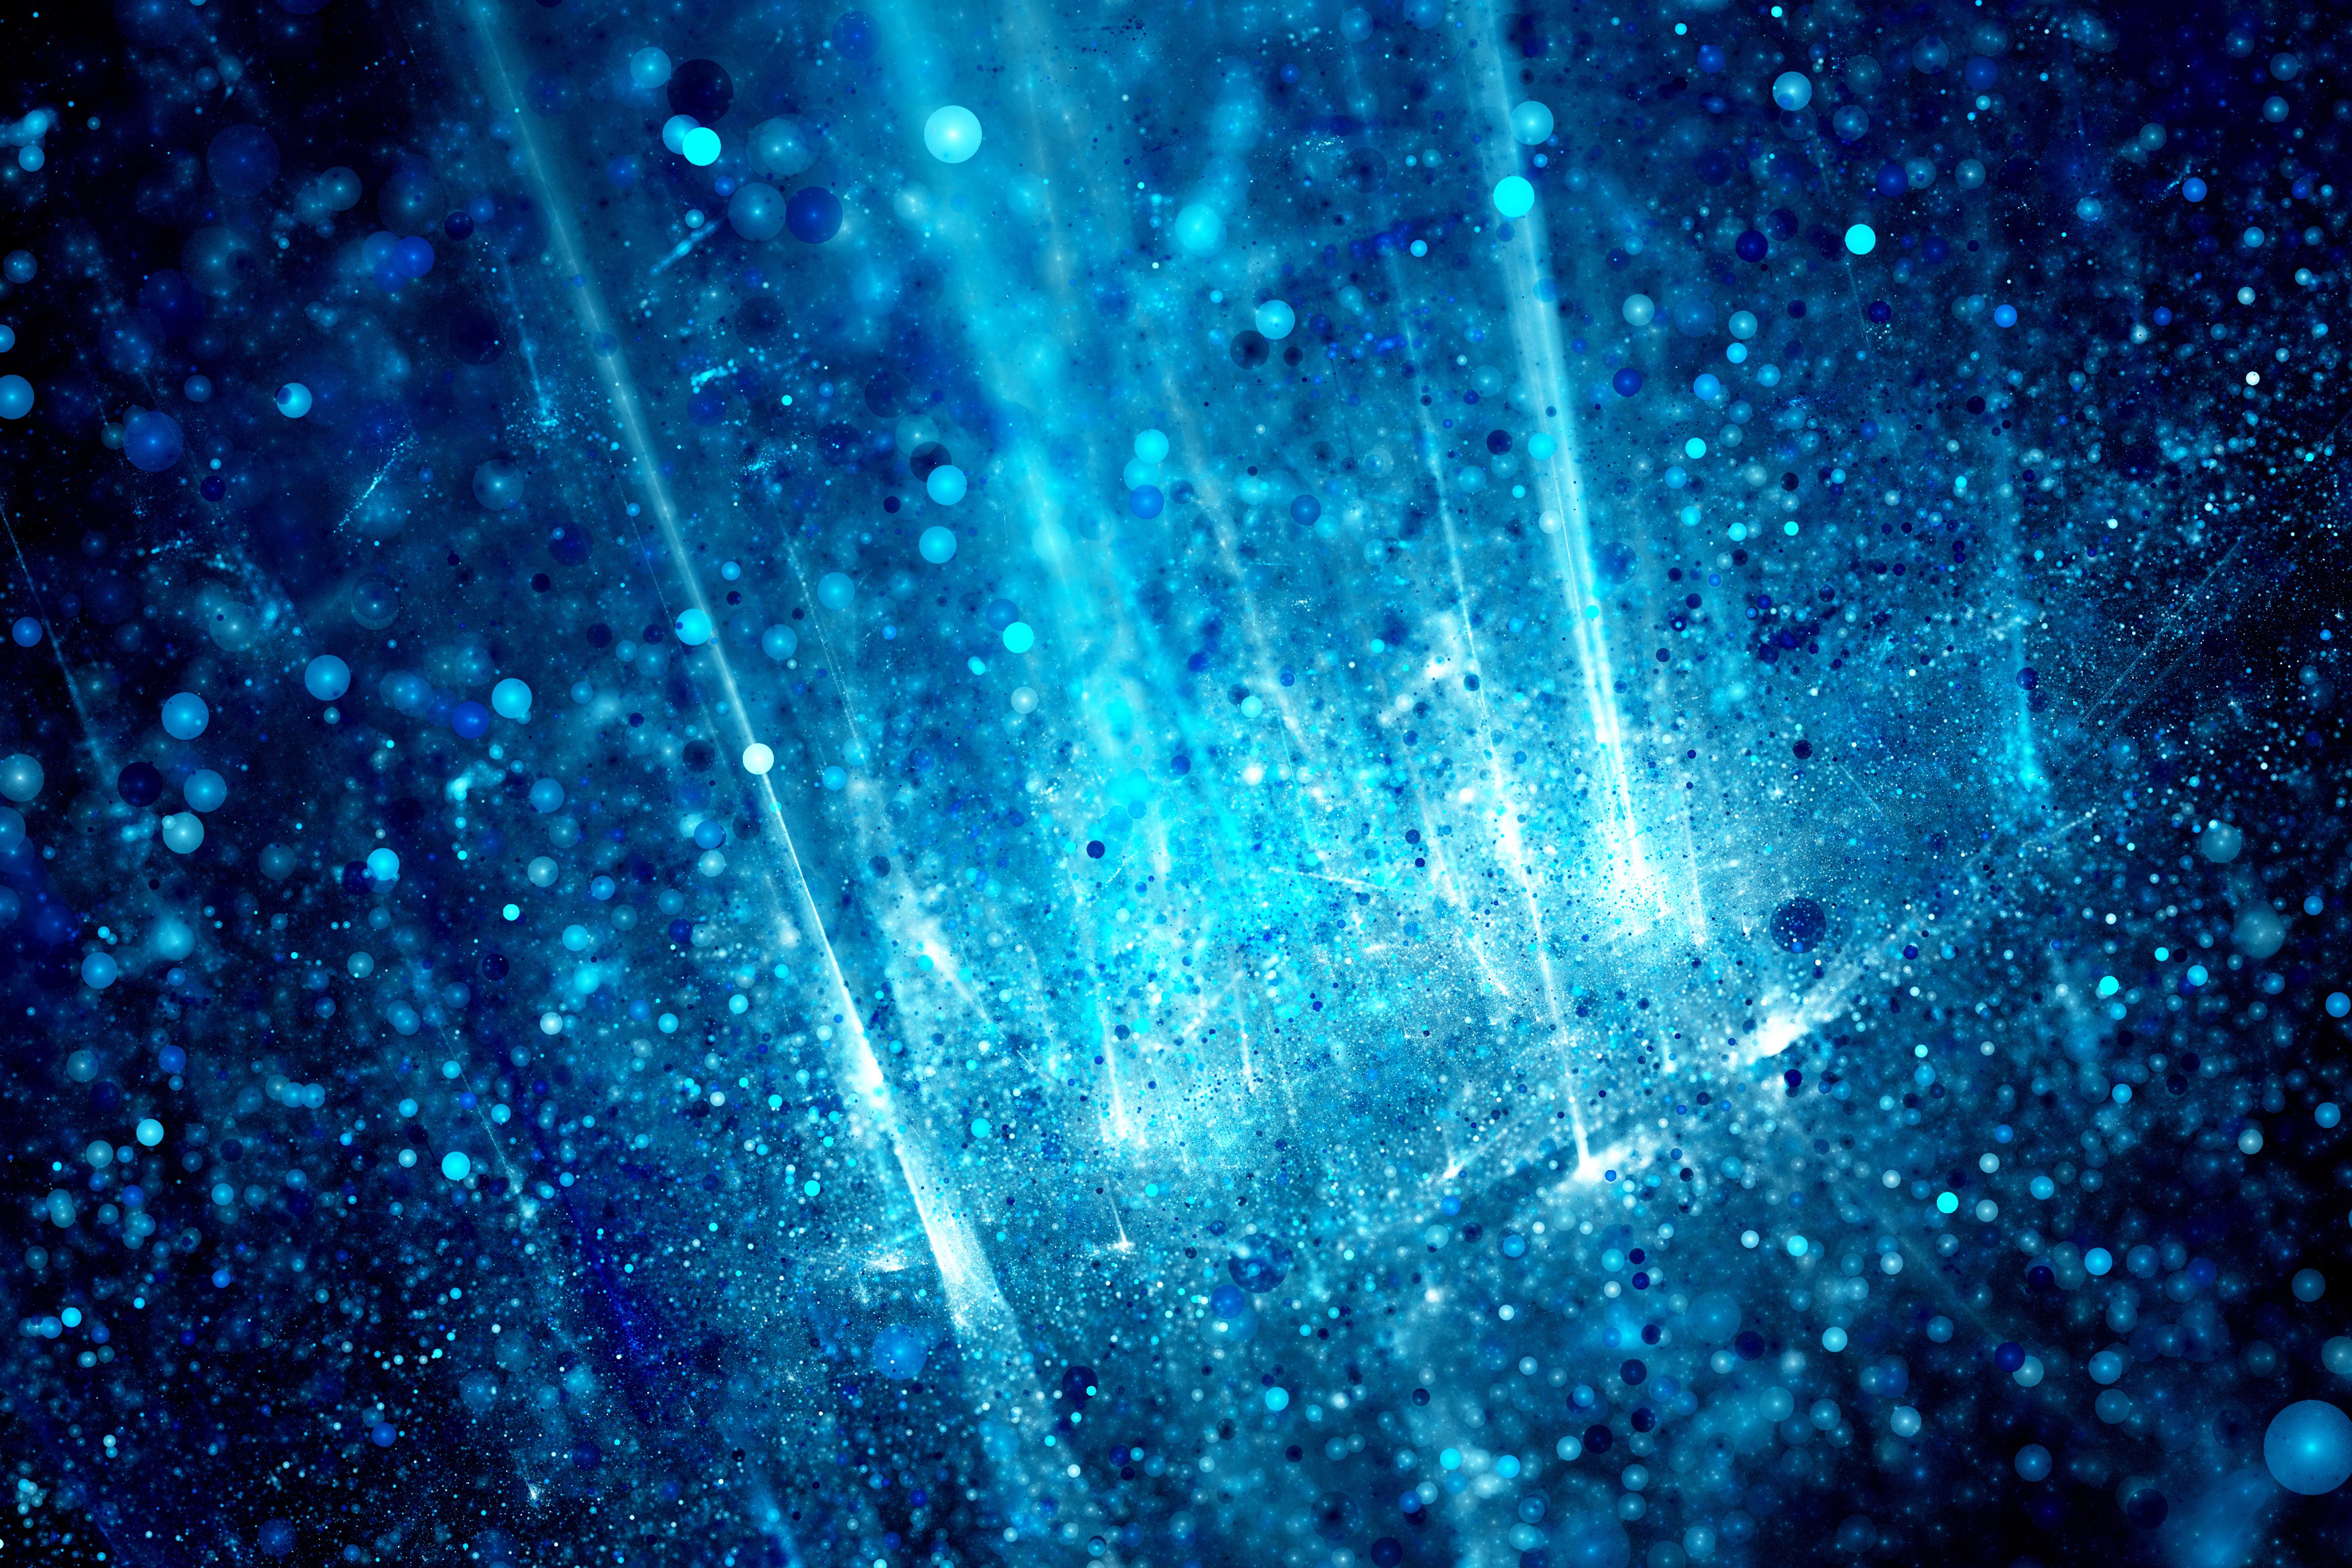 Adobe Experience Manager Update: Mehr Content Intelligence für begeisternde Kundenerlebnisse